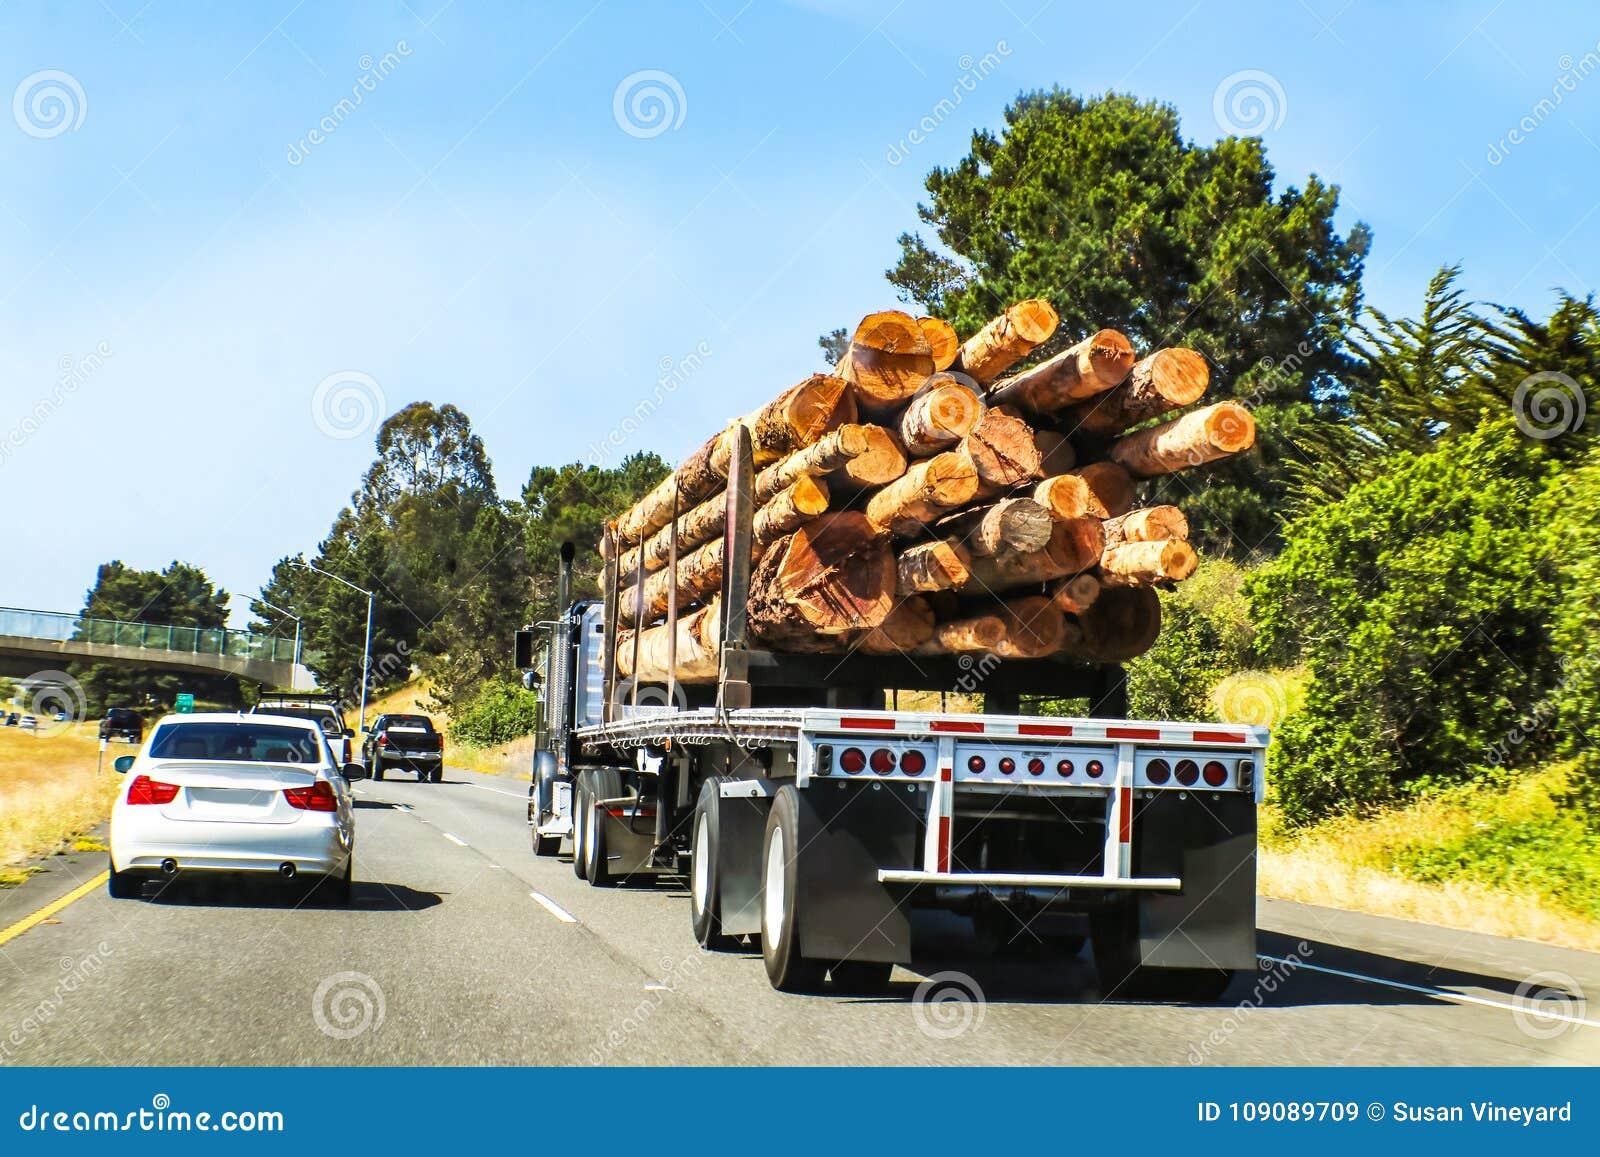 La vista posterior de registrar semi el camión cargó con los registros grandes que viajaban en la carretera con otros vehículos